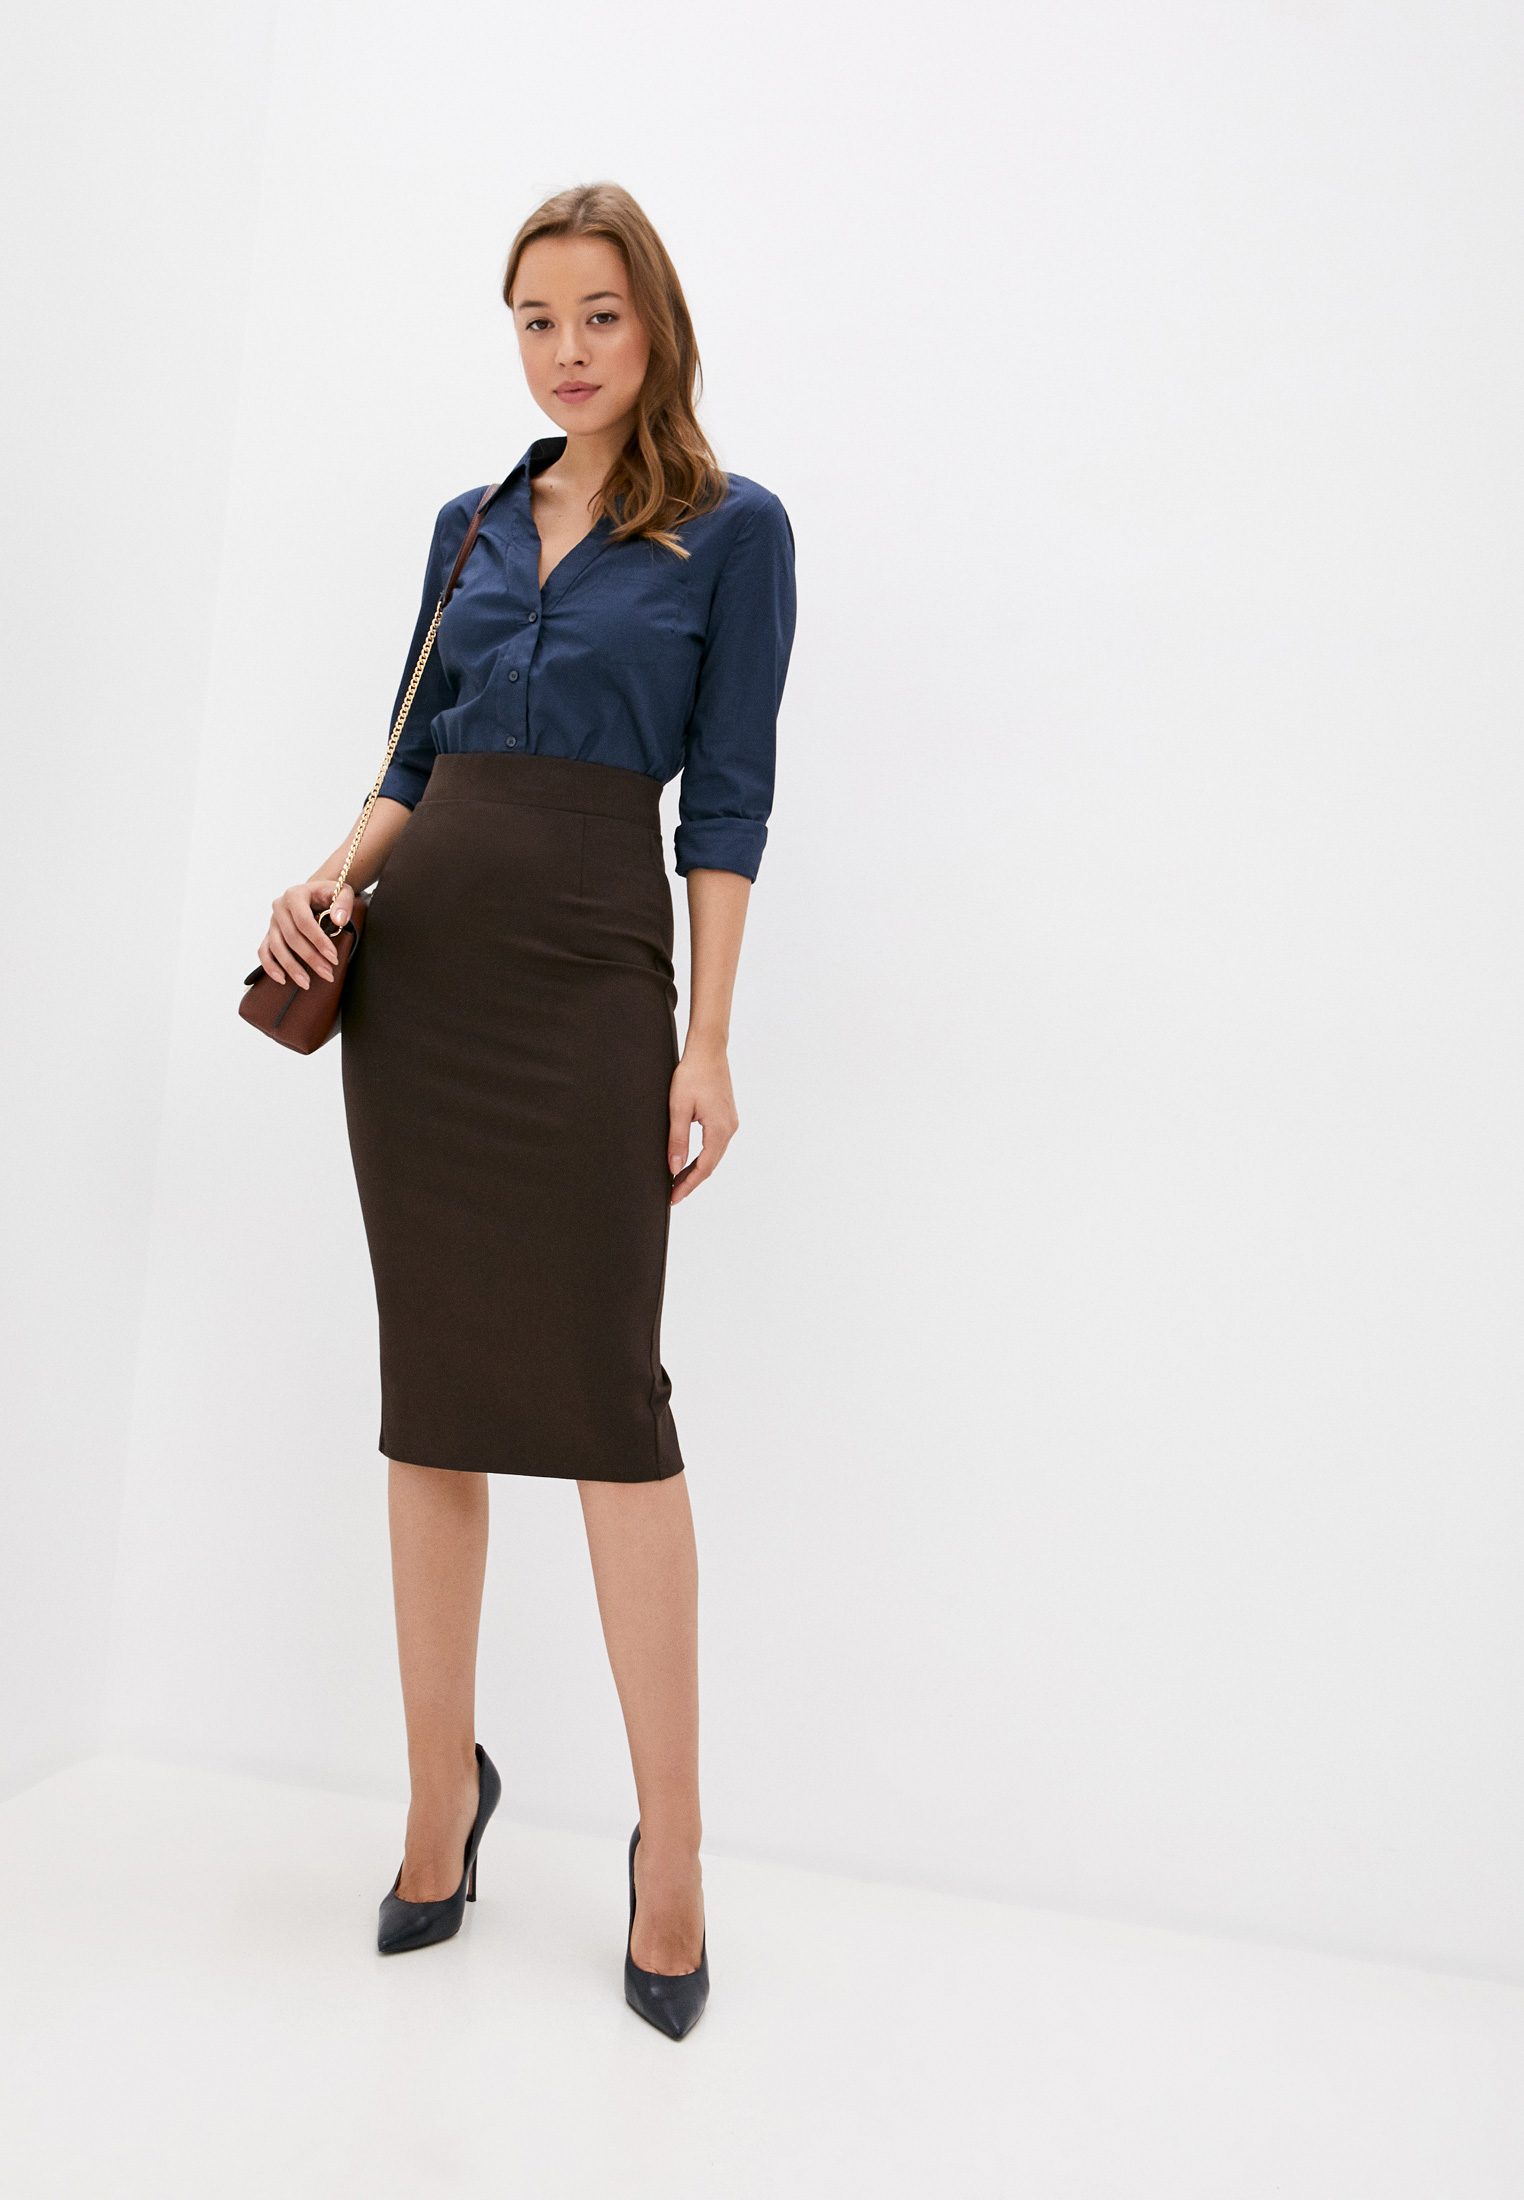 Узкая юбка Toku Tino TT8518027a/: изображение 2